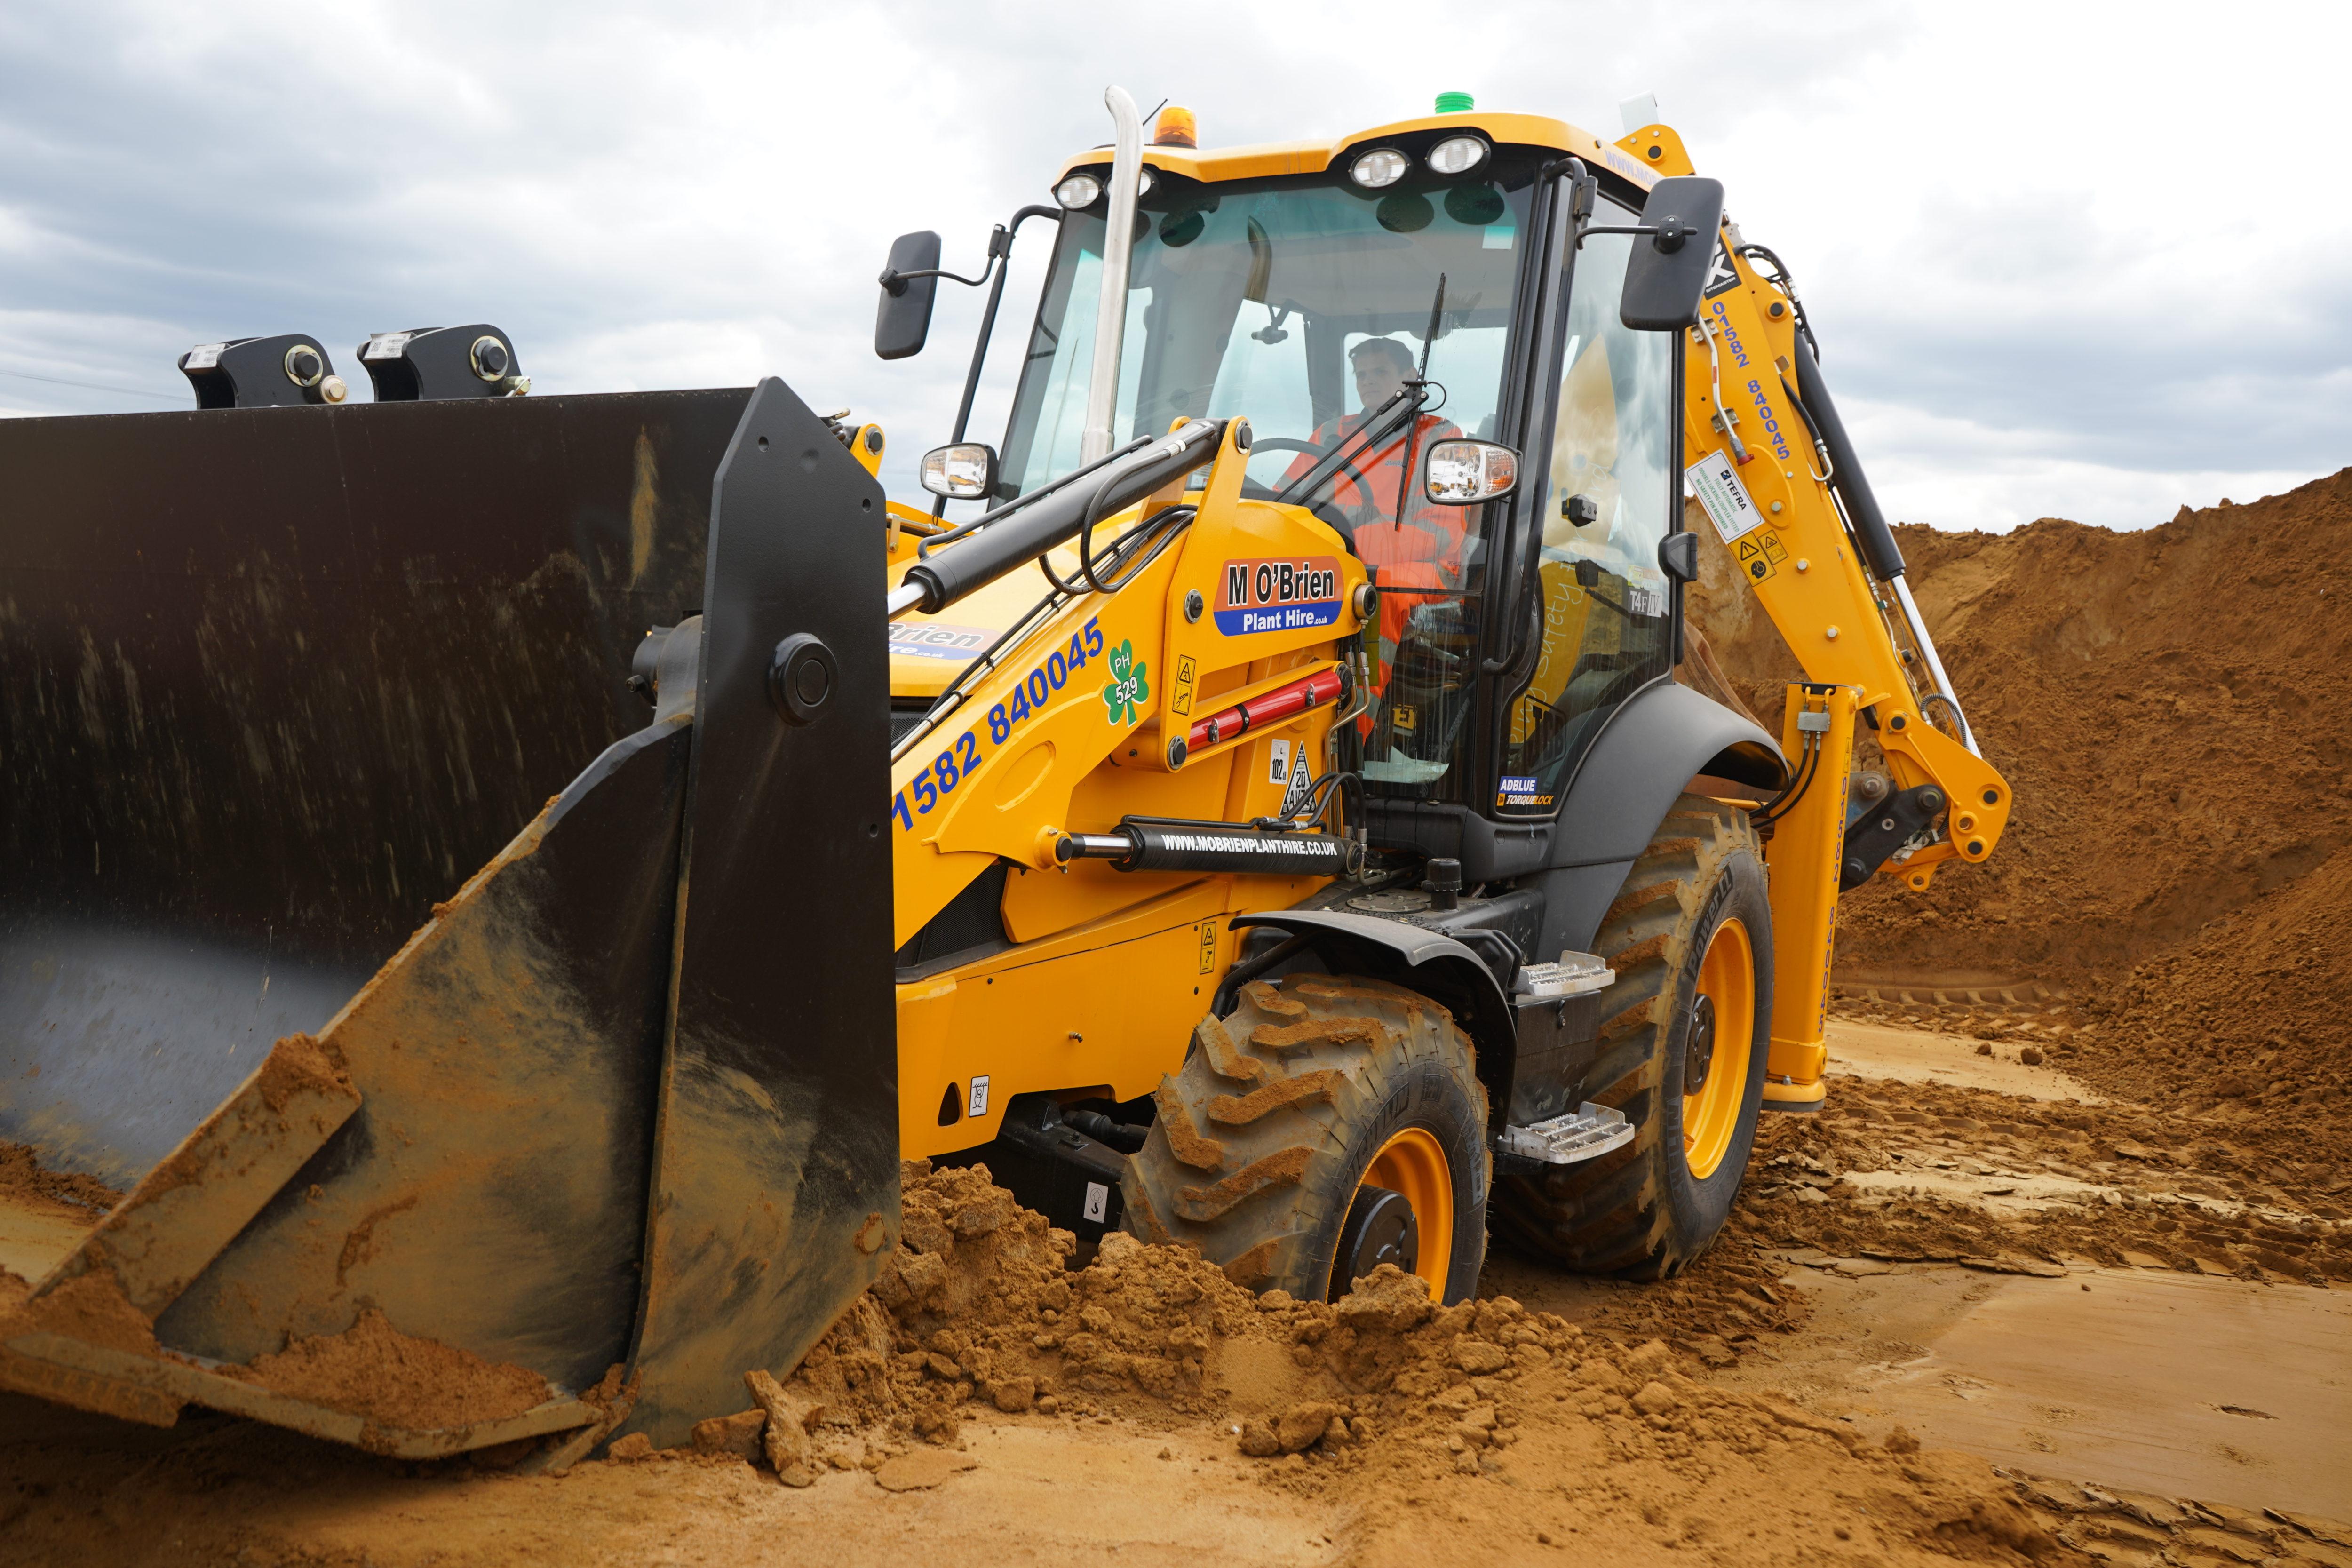 JCB 3CX (Wheeled Backhoe Excavator) | M O'Brien Plant Hire